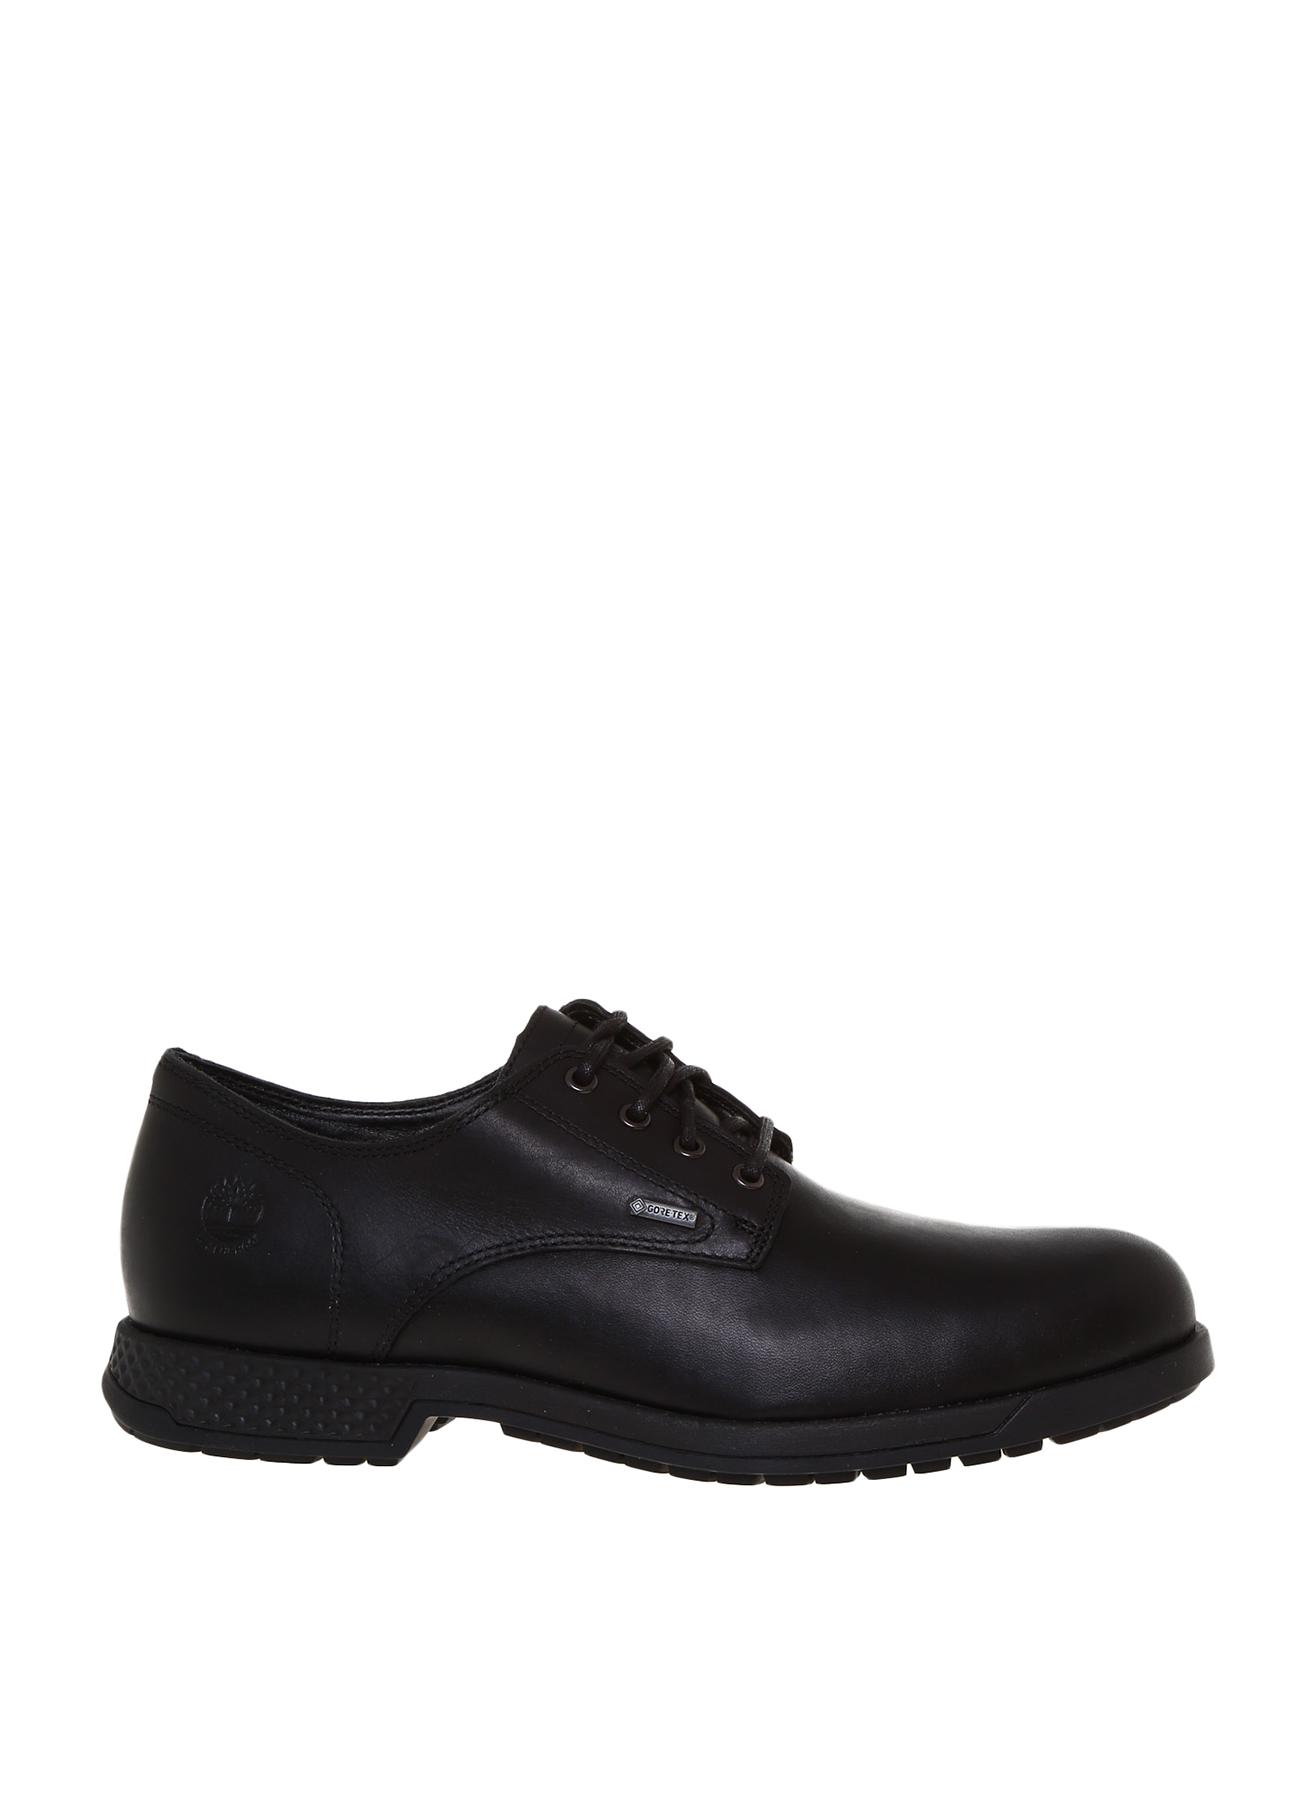 Timberland Tb0A1Sn90151 City S Edge Gtx Oxford Günlük Ayakkabı 45 5002340878009 Ürün Resmi